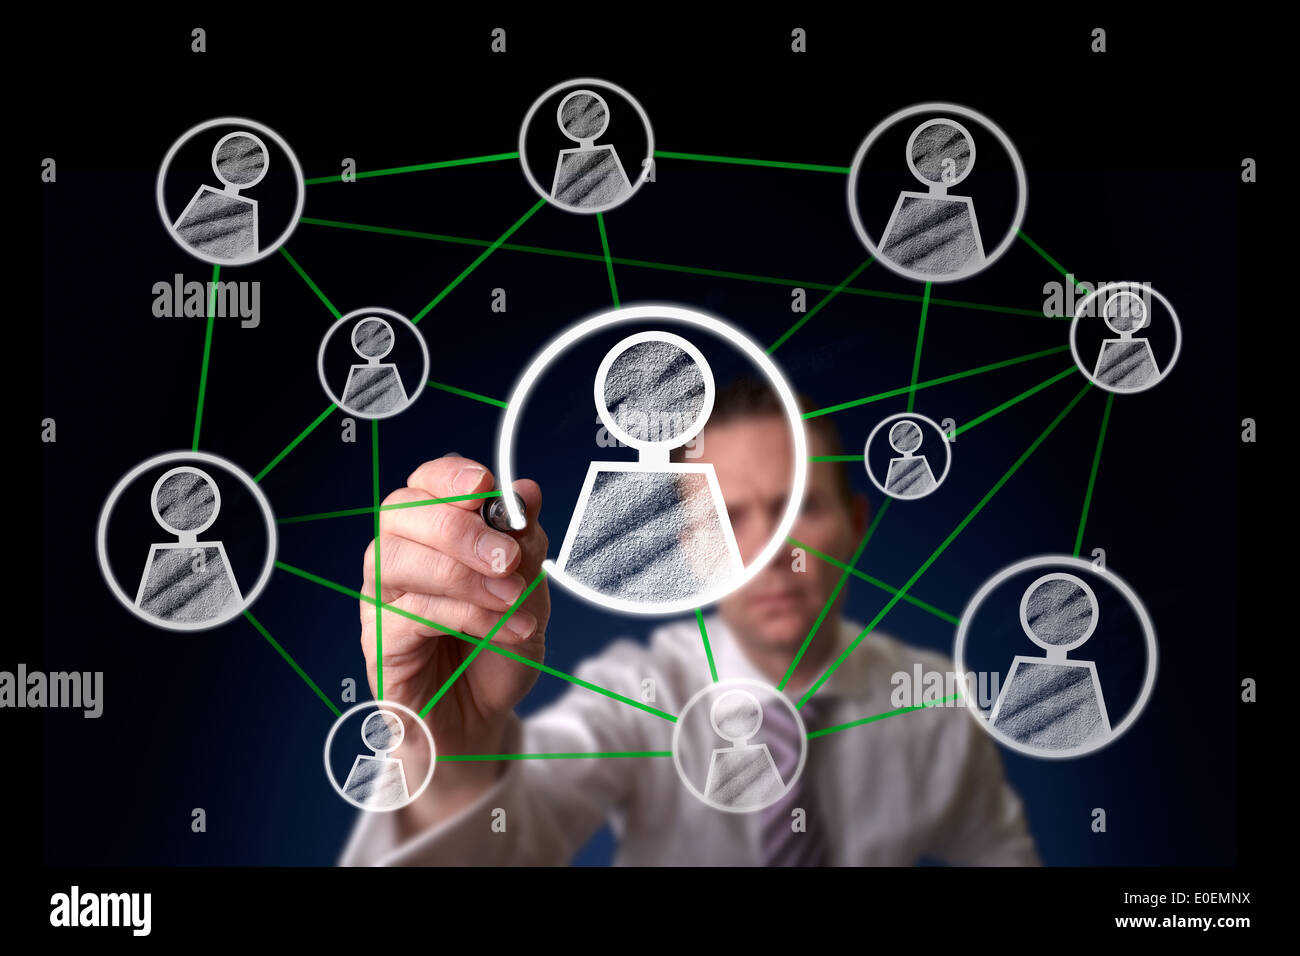 Un homme dessinant une structure du réseau social sur un écran. Photo Stock